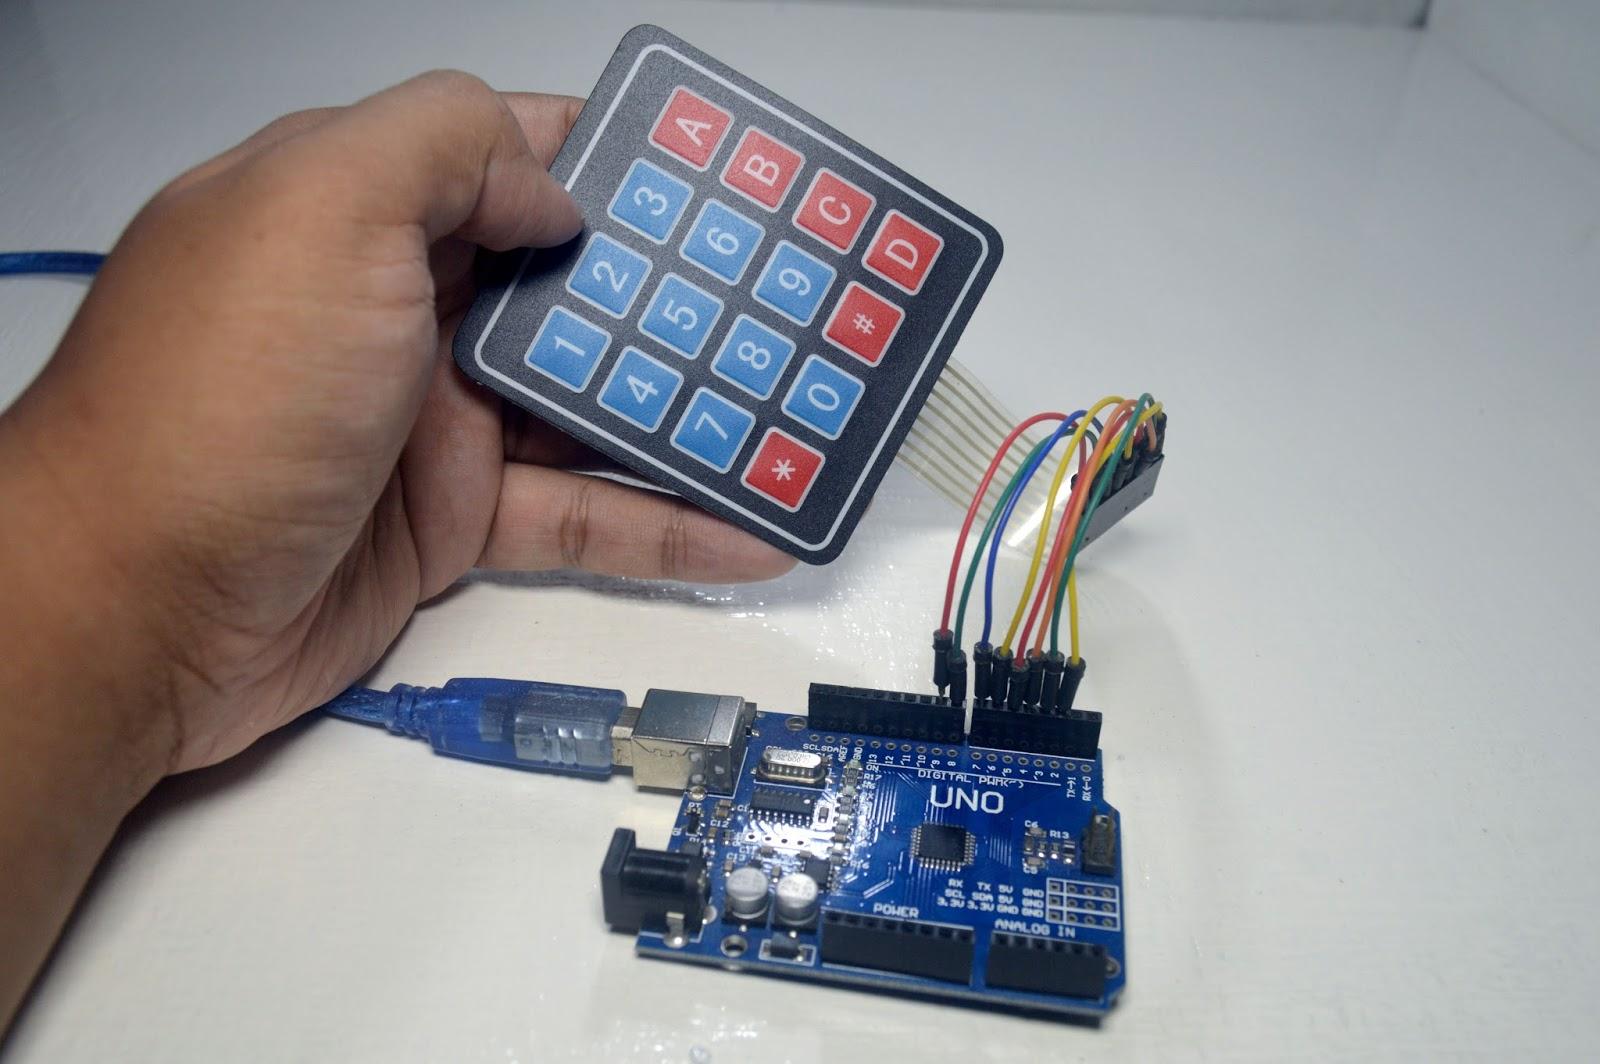 At mo production keypad matrix di arduino uno